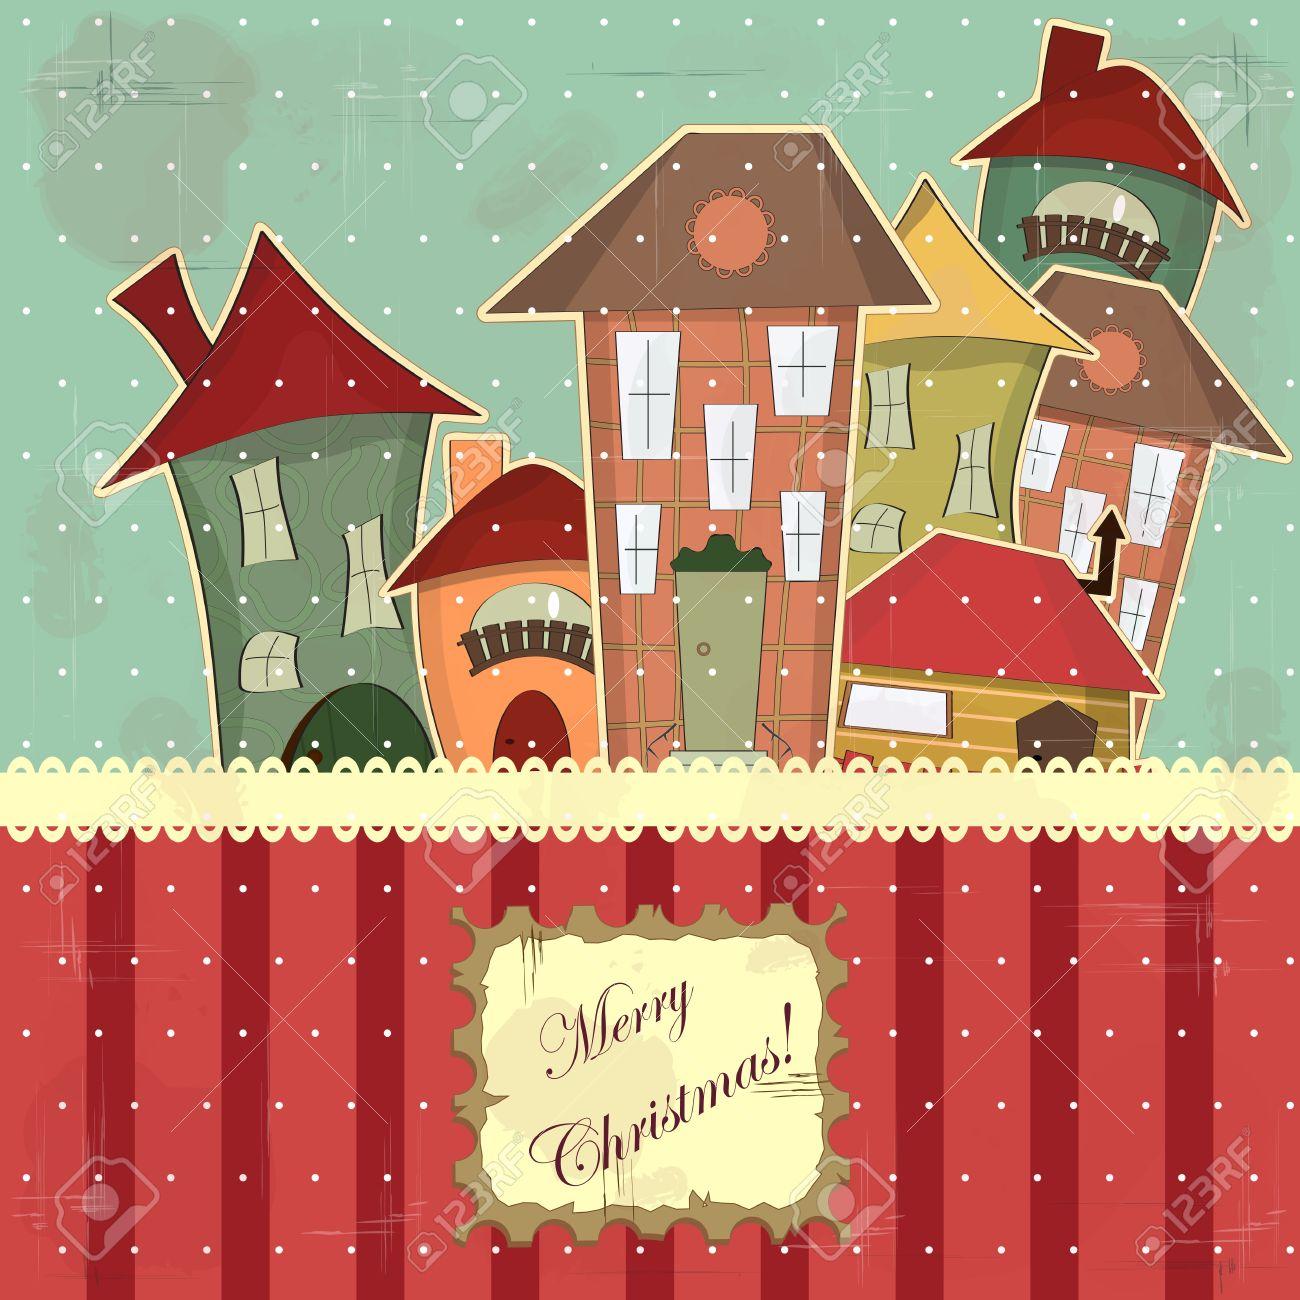 Immagini Cartoline Natale Vintage.Vettoriale Cartolina Di Natale In Stile Vintage Case Retro Nella Neve Image 11321517